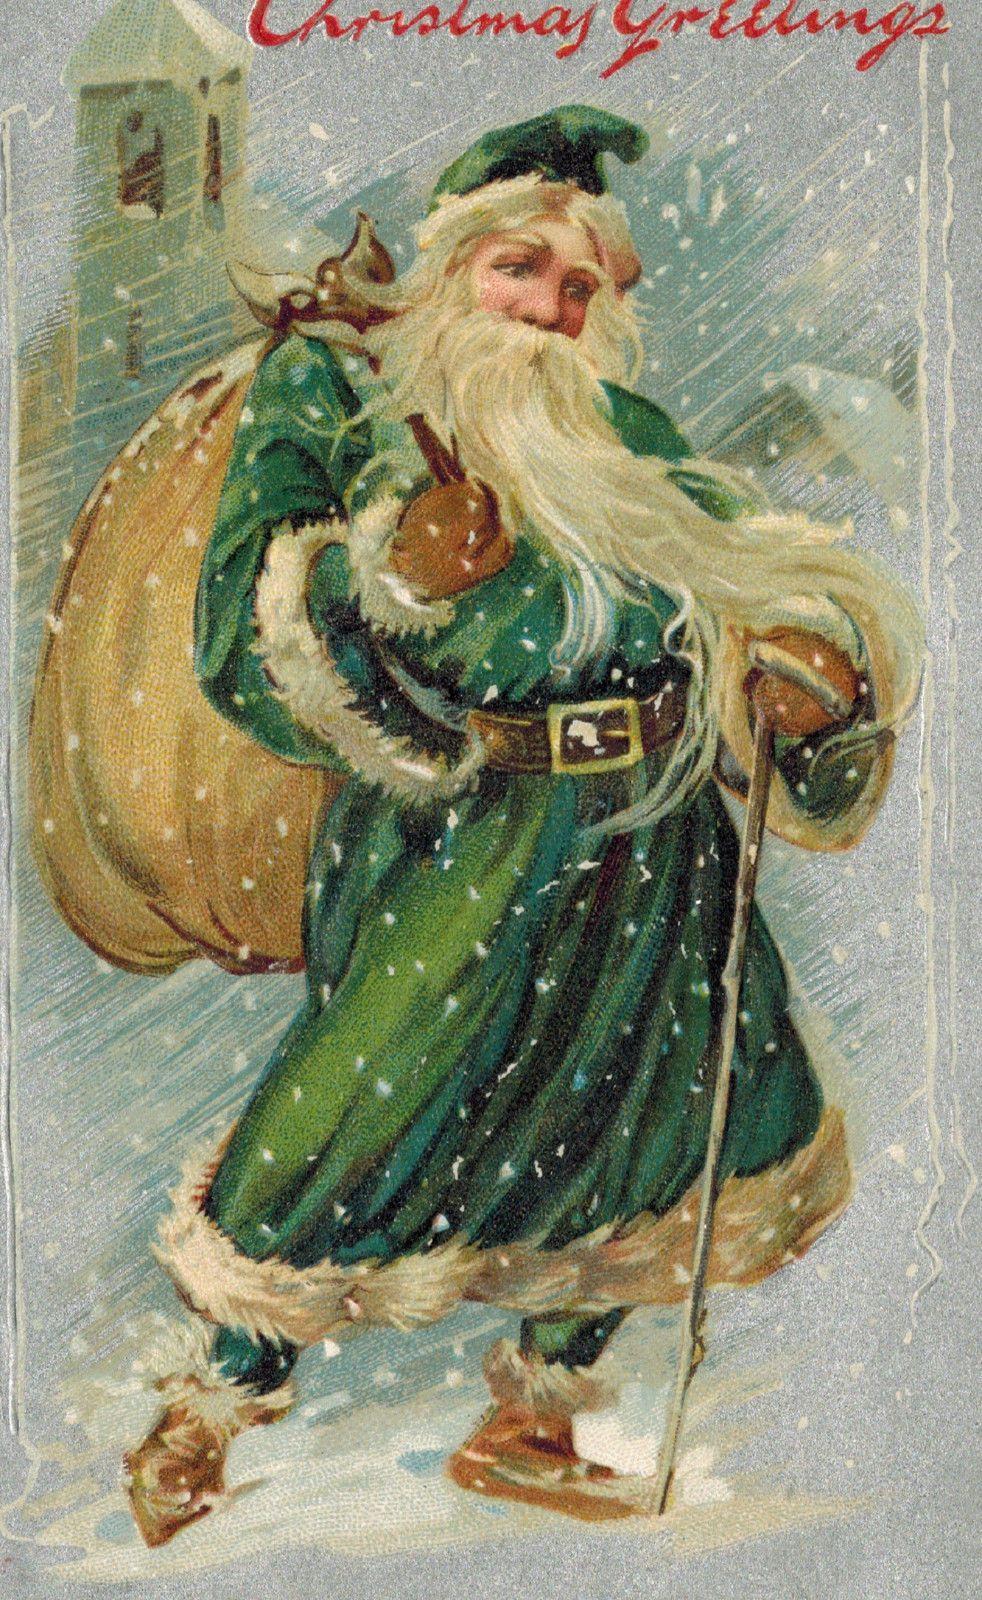 8bb4b8cc62 Vintage Christmas Postcard Santa Claus St. Nick Green Robe Tucks EMB DB  c1910